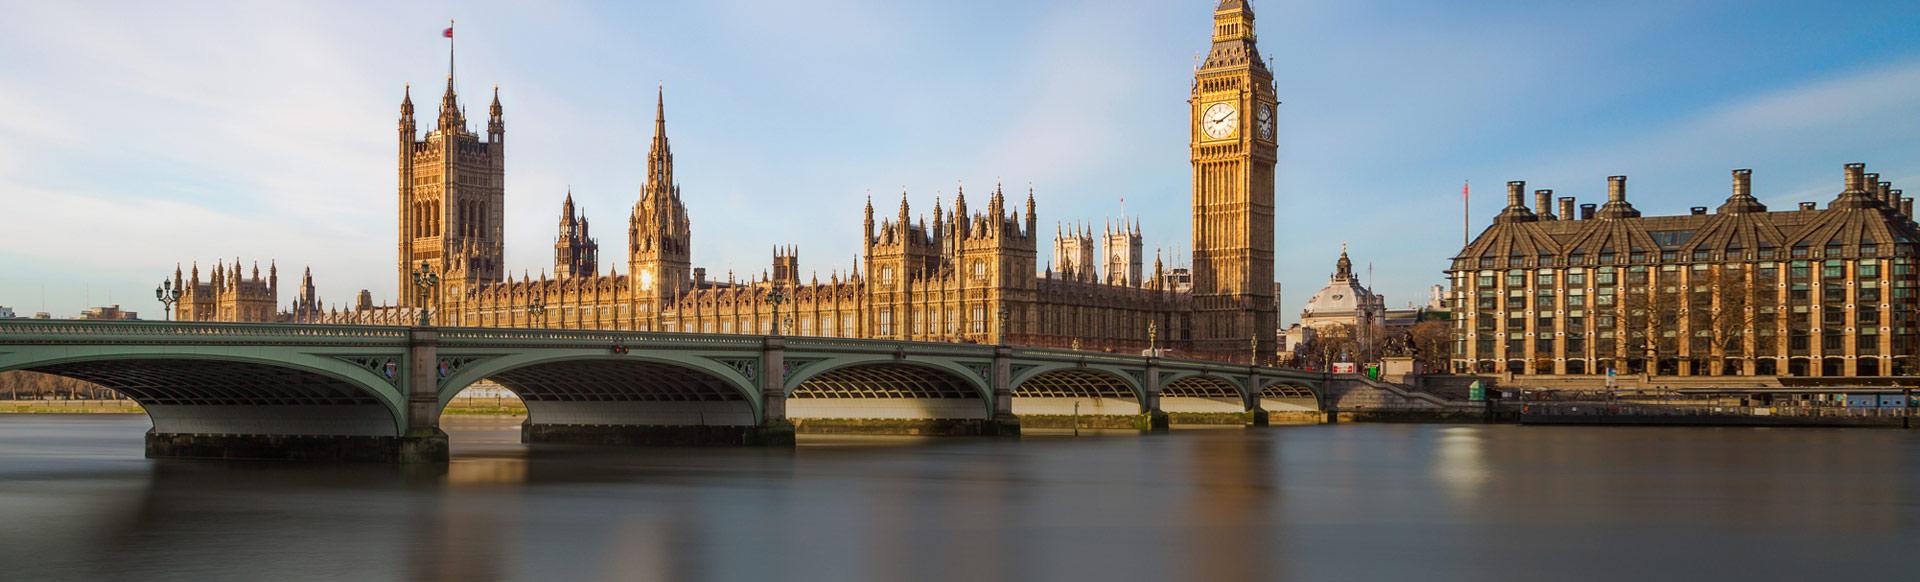 La vostra prima visita a Londra - visitlondon.com